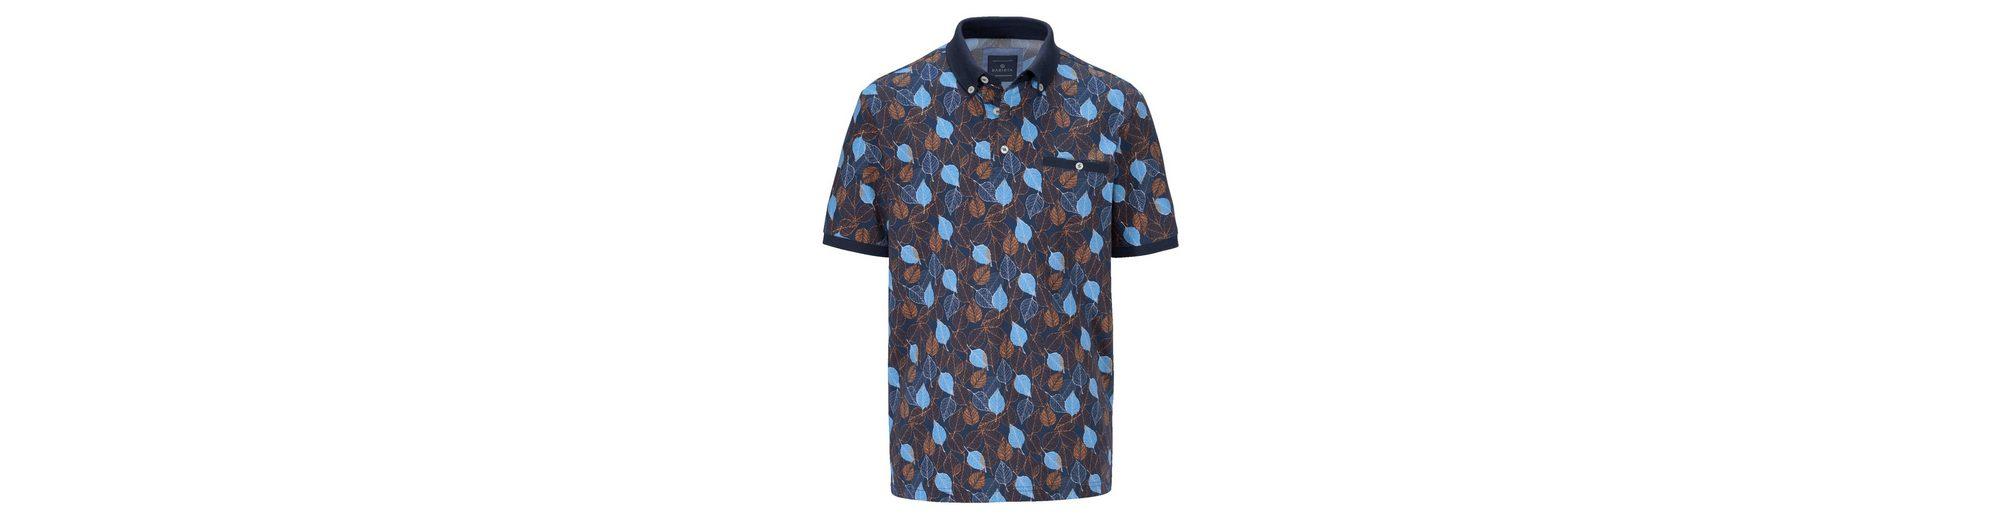 Billig Verkauf In Deutschland Rabatt Heißen Verkauf Babista Poloshirt mit Button-Down-Kragen 2018 Günstig Online KU2r1Tm